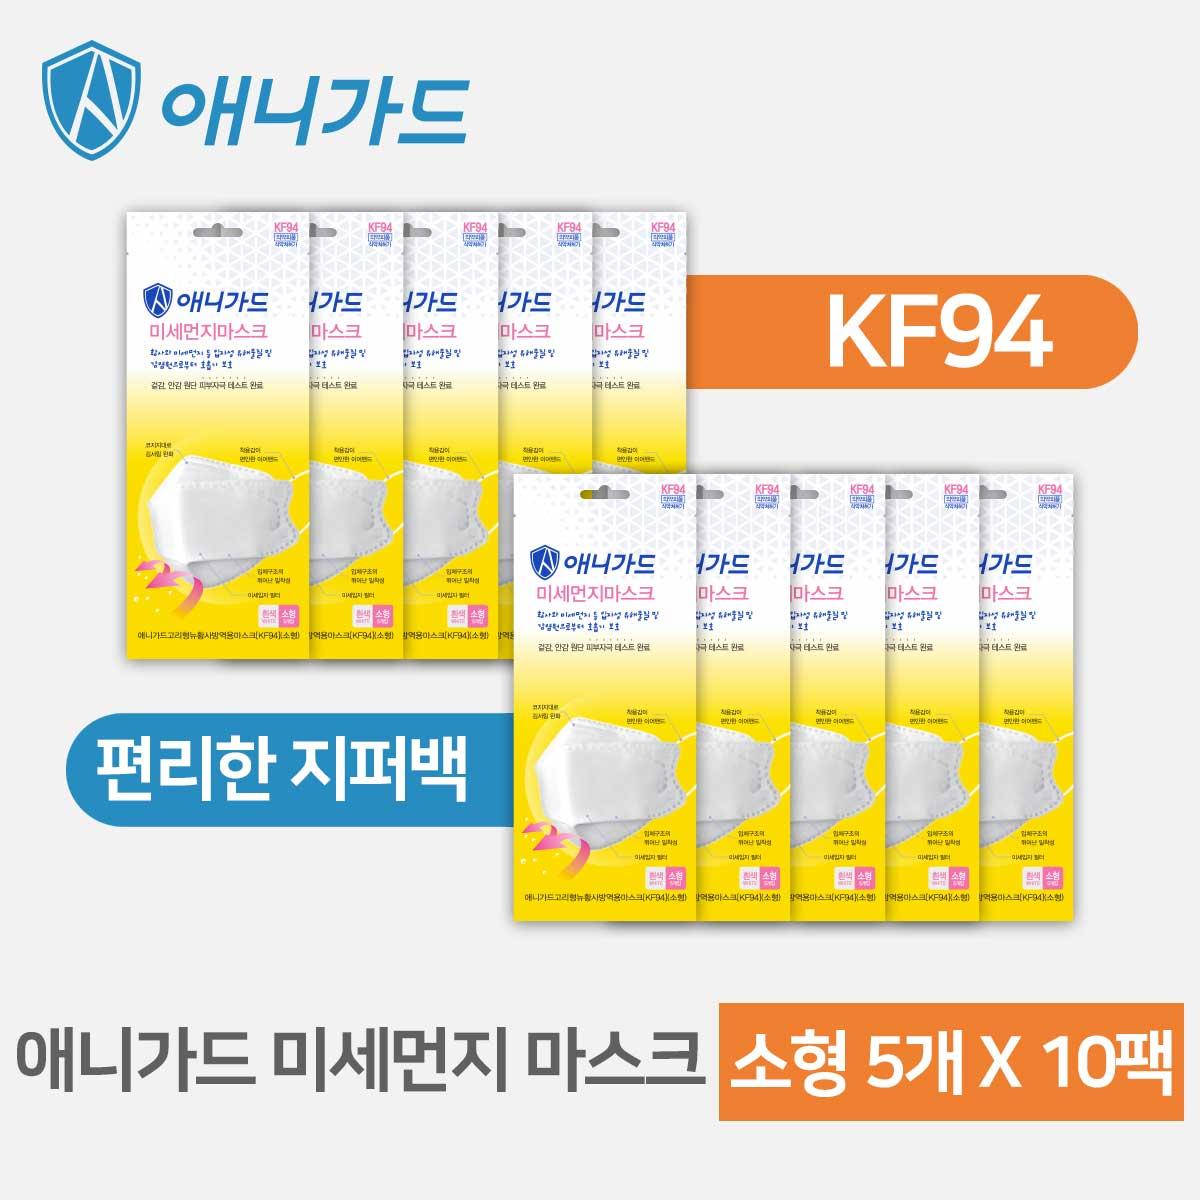 애니가드 황사방역용 마스크[KF94] 아동용(소형) 50매 (5매입포장), 1box, 50개